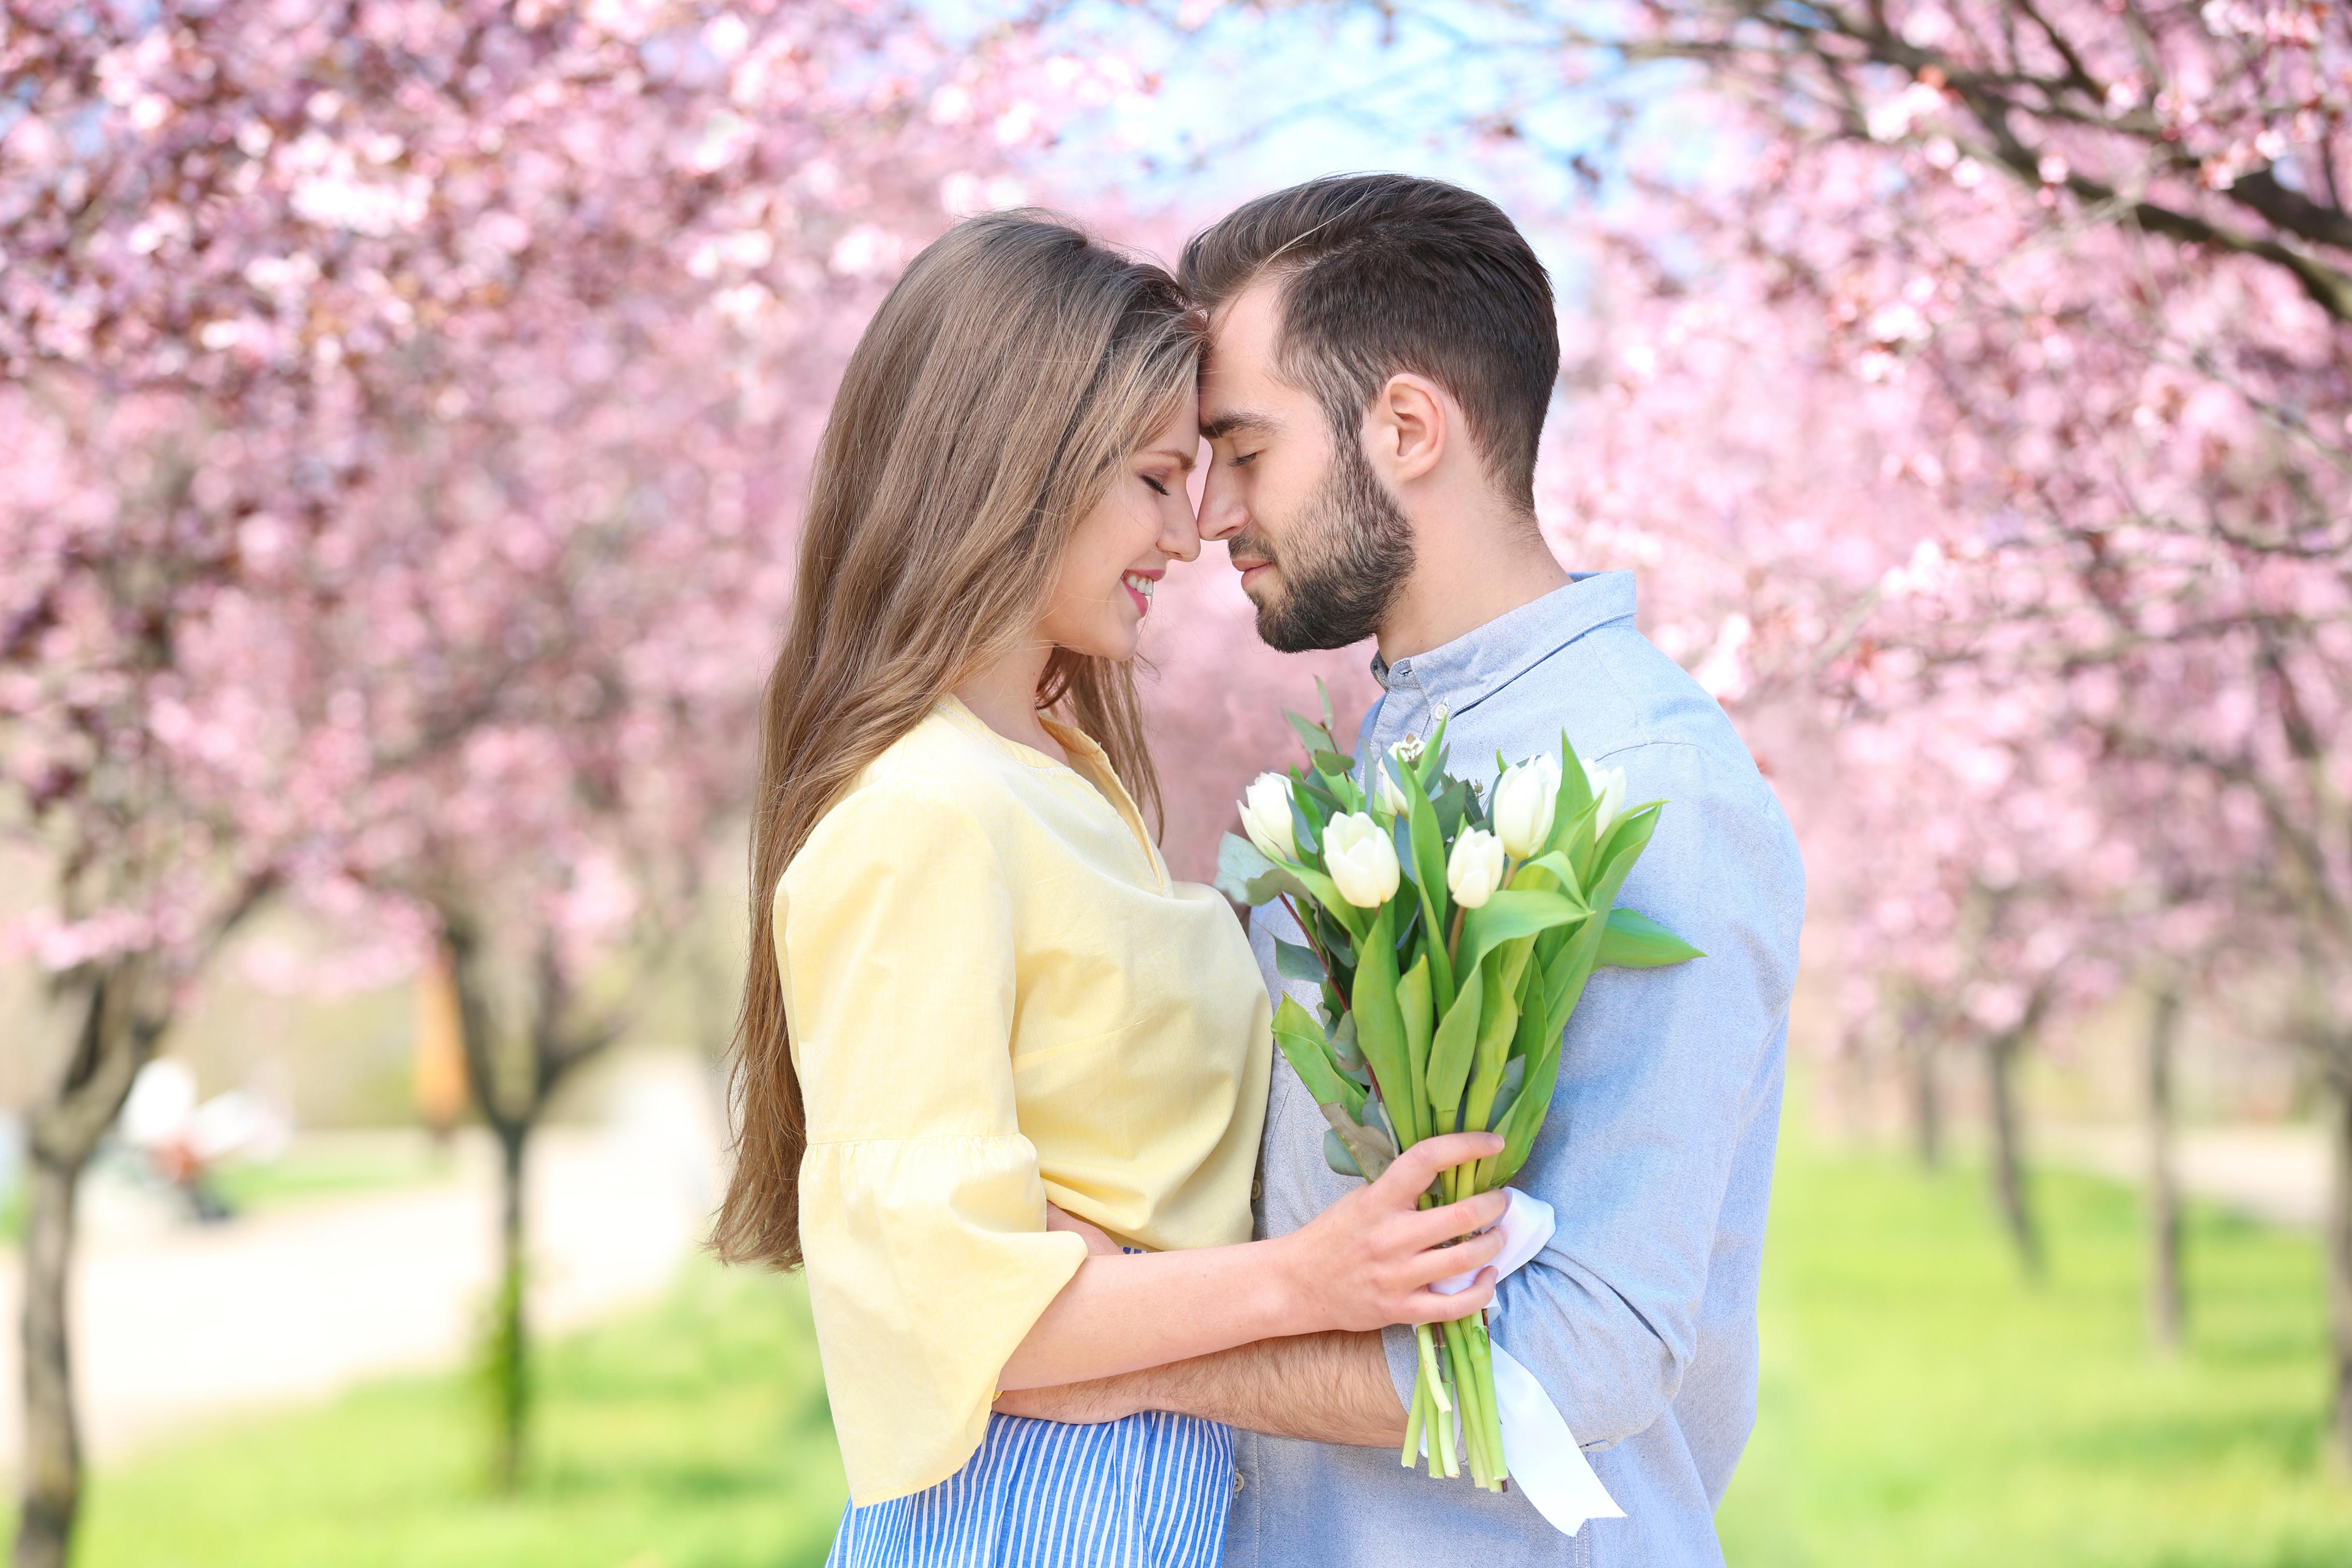 Картинка: Пара, цветы, тюльпаны, мужчина, девушка, любовь, парк, деревья